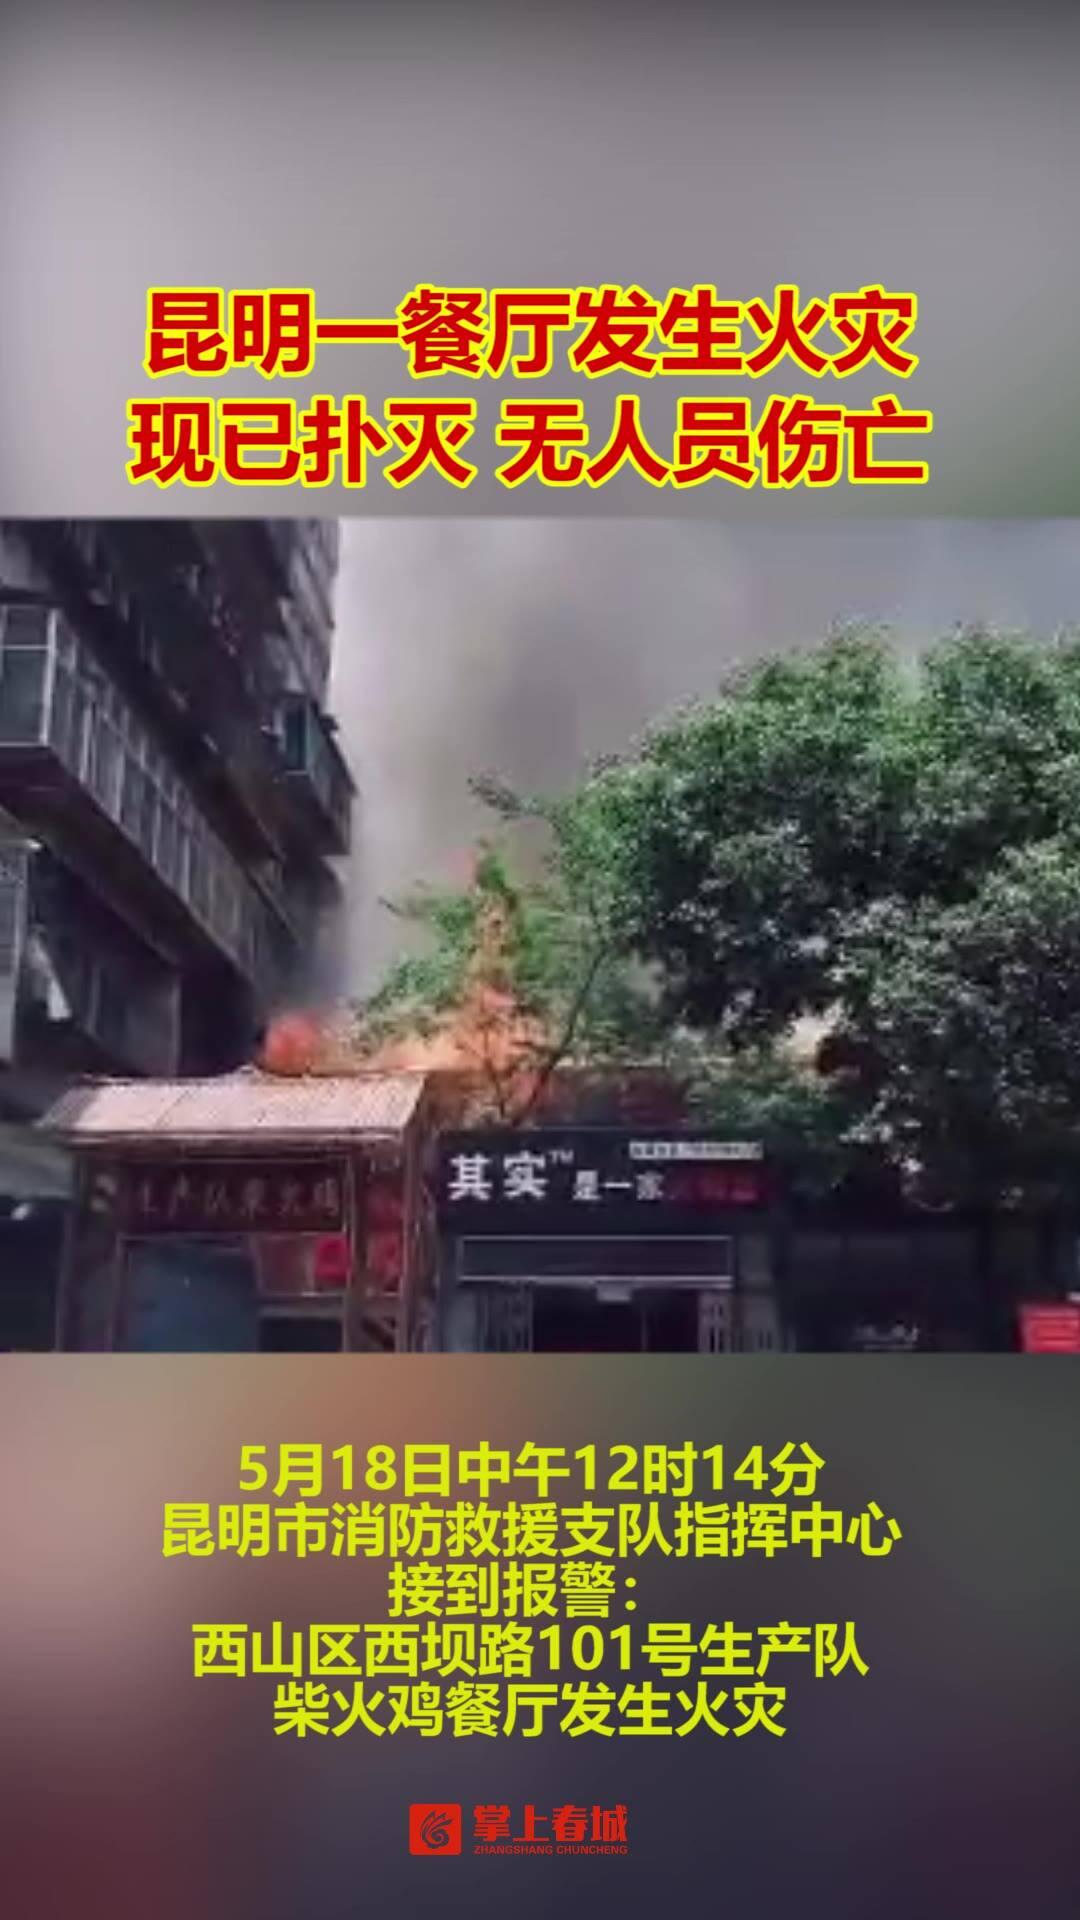 喵视频 | 昆明一餐厅发生火灾!现已扑灭 无人员伤亡